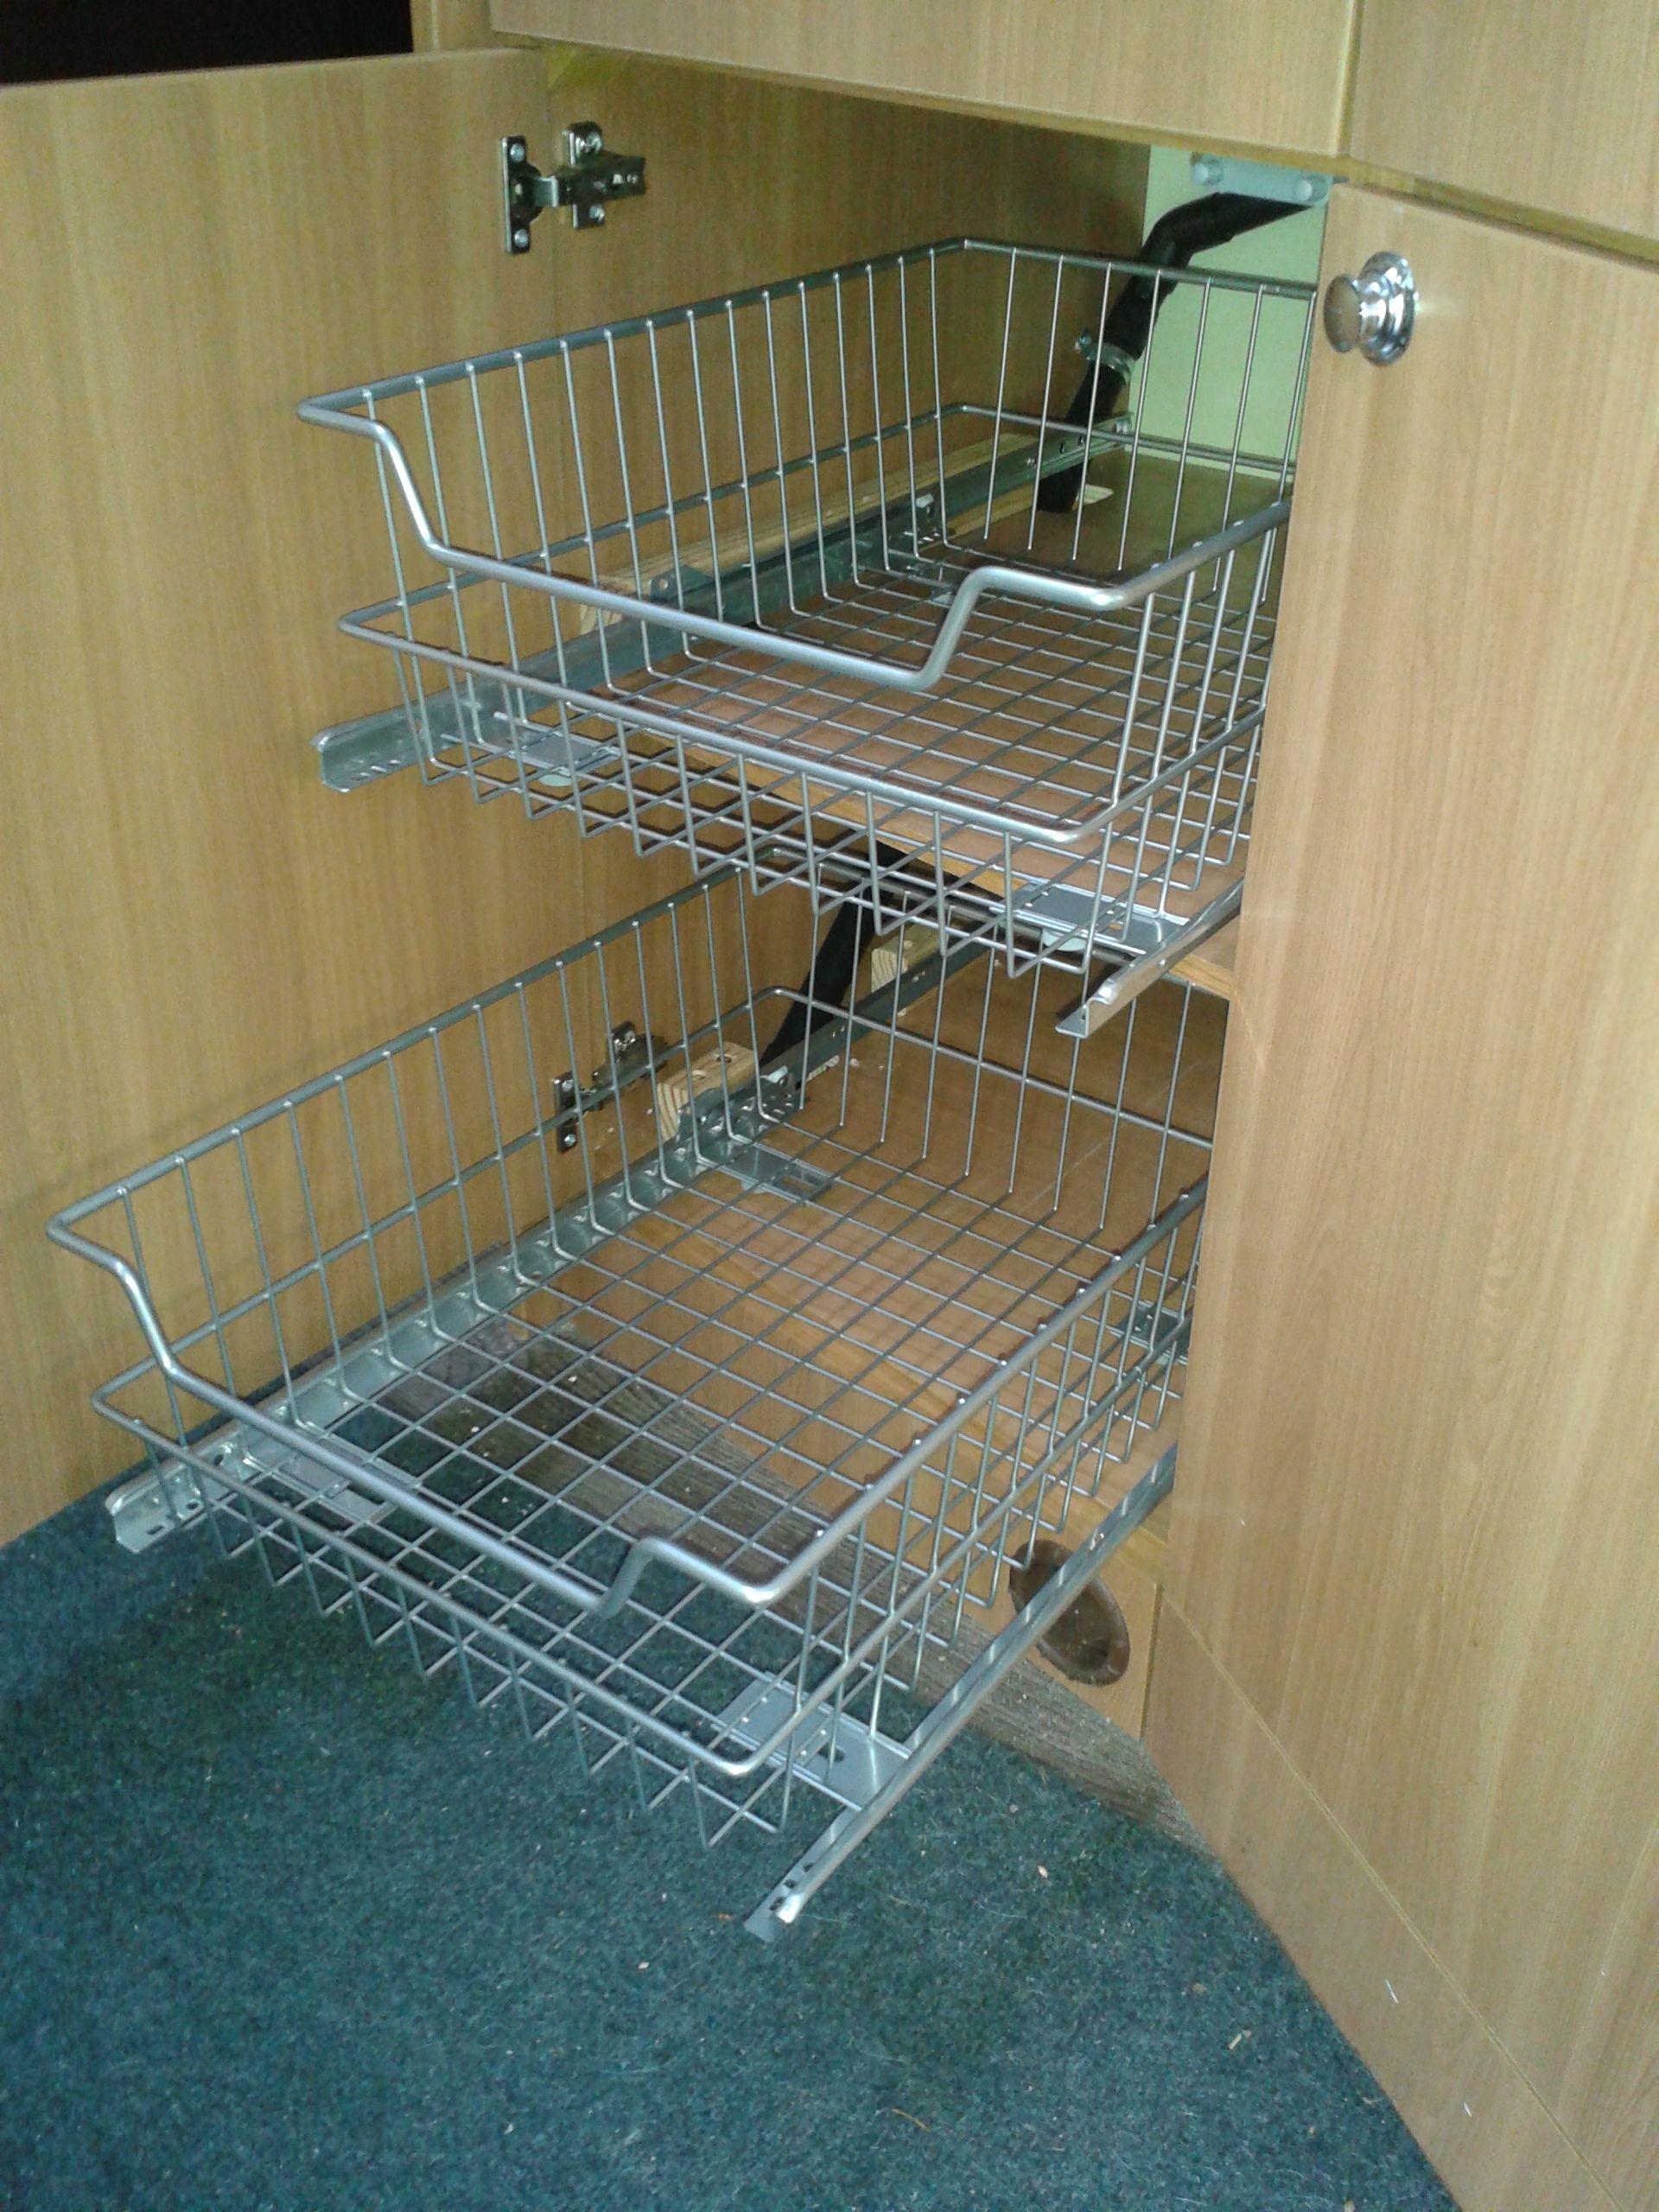 durchdachte praktische schrankausstattung zum nachrsten von schrnken in kche bad und mehr - Wohnmobil Dusche Nachrusten